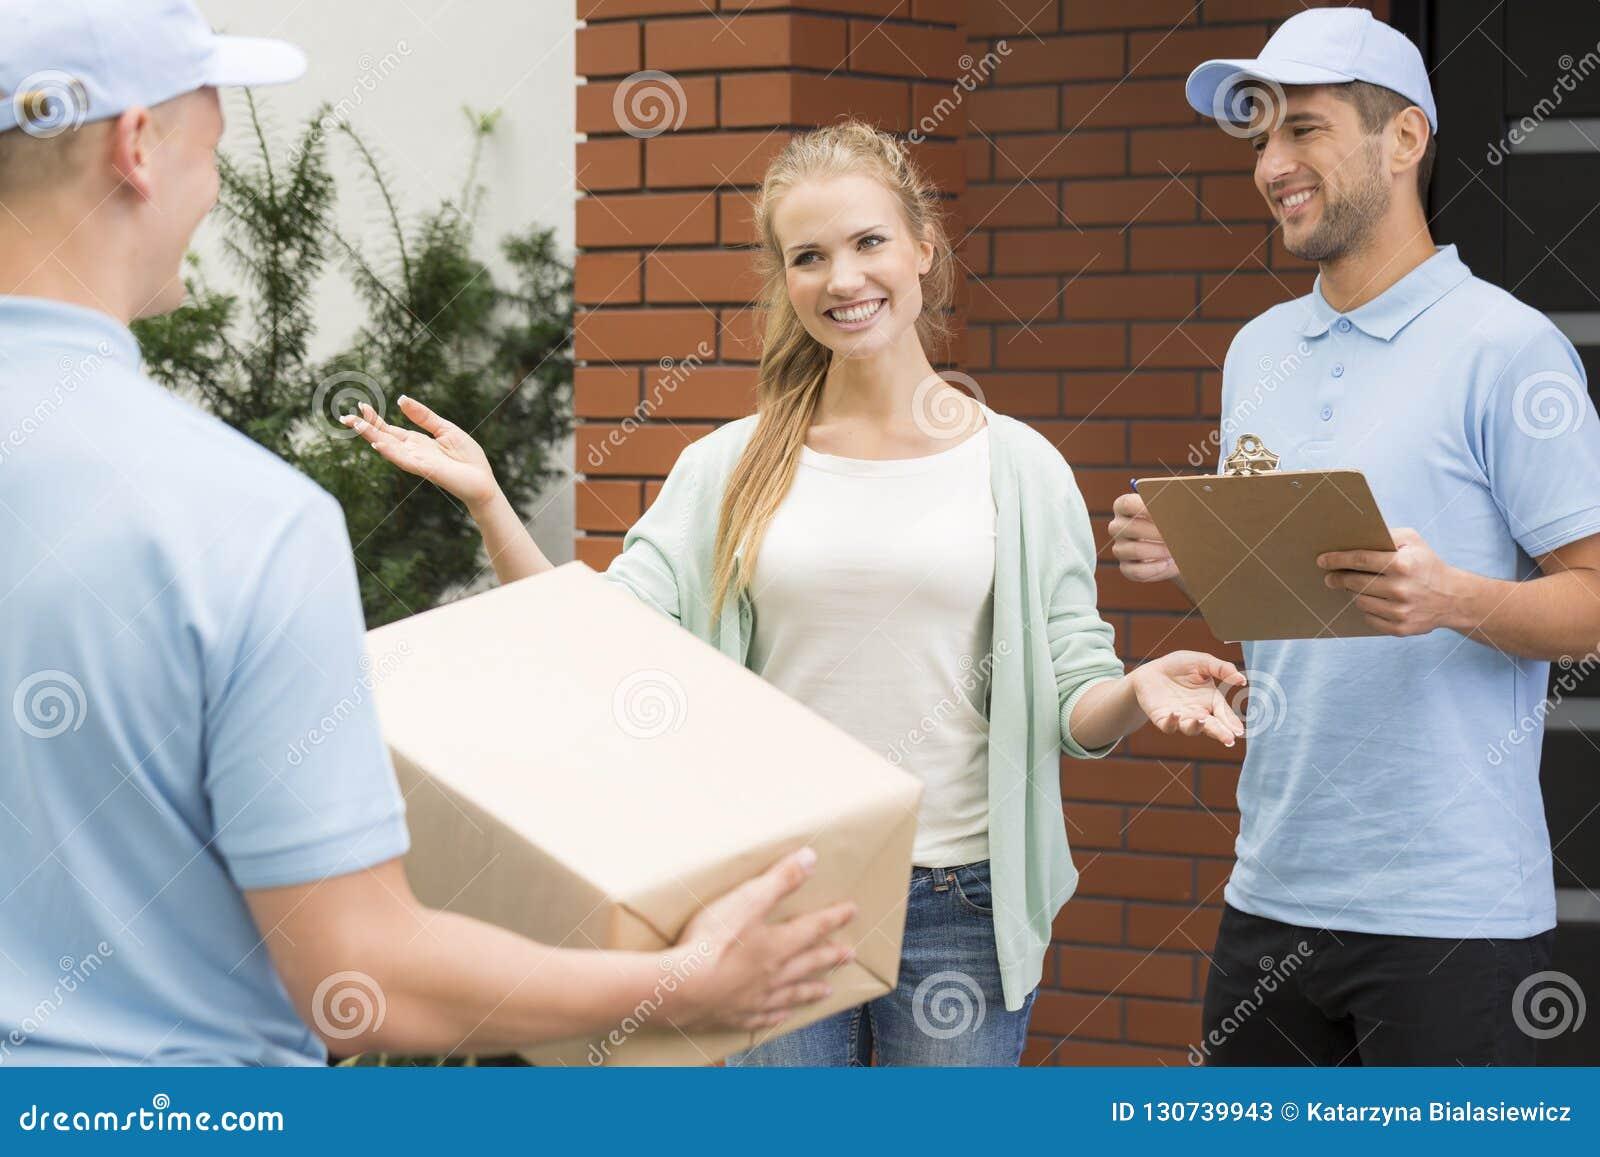 欢迎的妇女与包裹和交货收据的专业传讯者